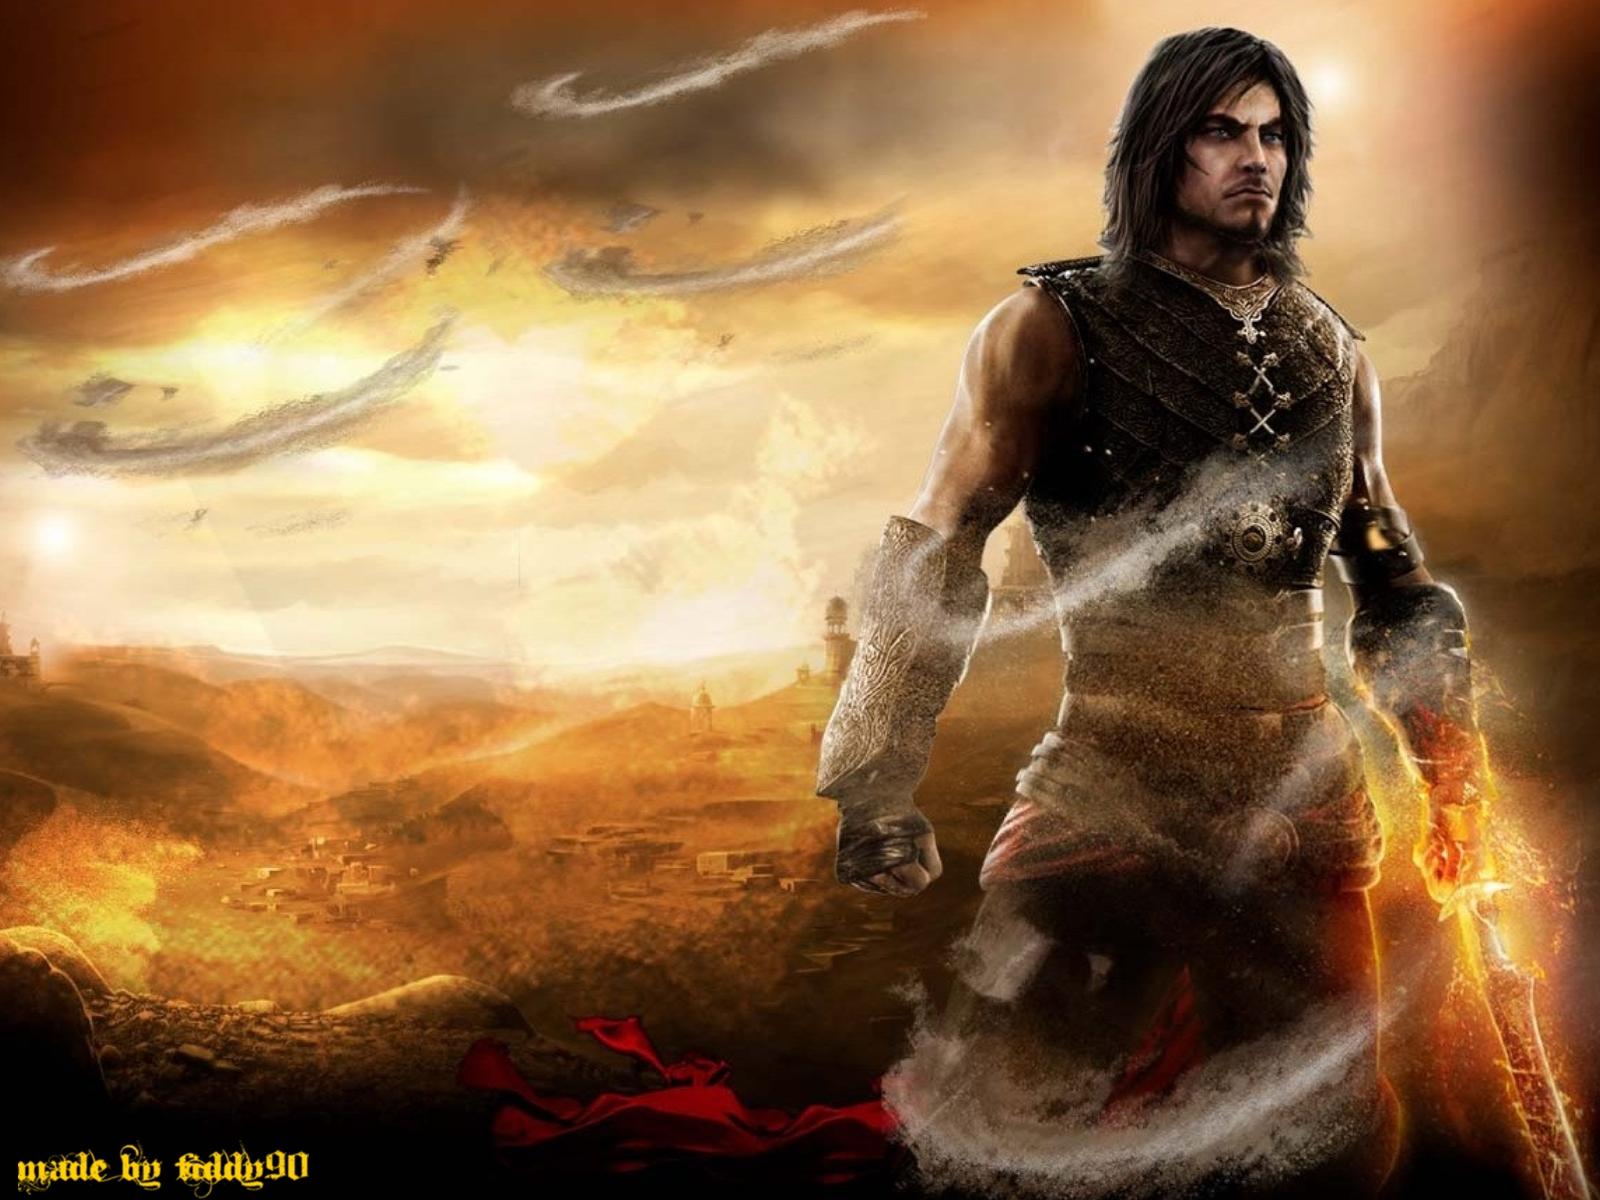 http://1.bp.blogspot.com/-DcE2NqwOF_A/TcROHvdJTDI/AAAAAAAAAPo/-IhnpWQxvHs/s1600/prince-of-persia-forgotten-sands-character-wallpaper.jpg